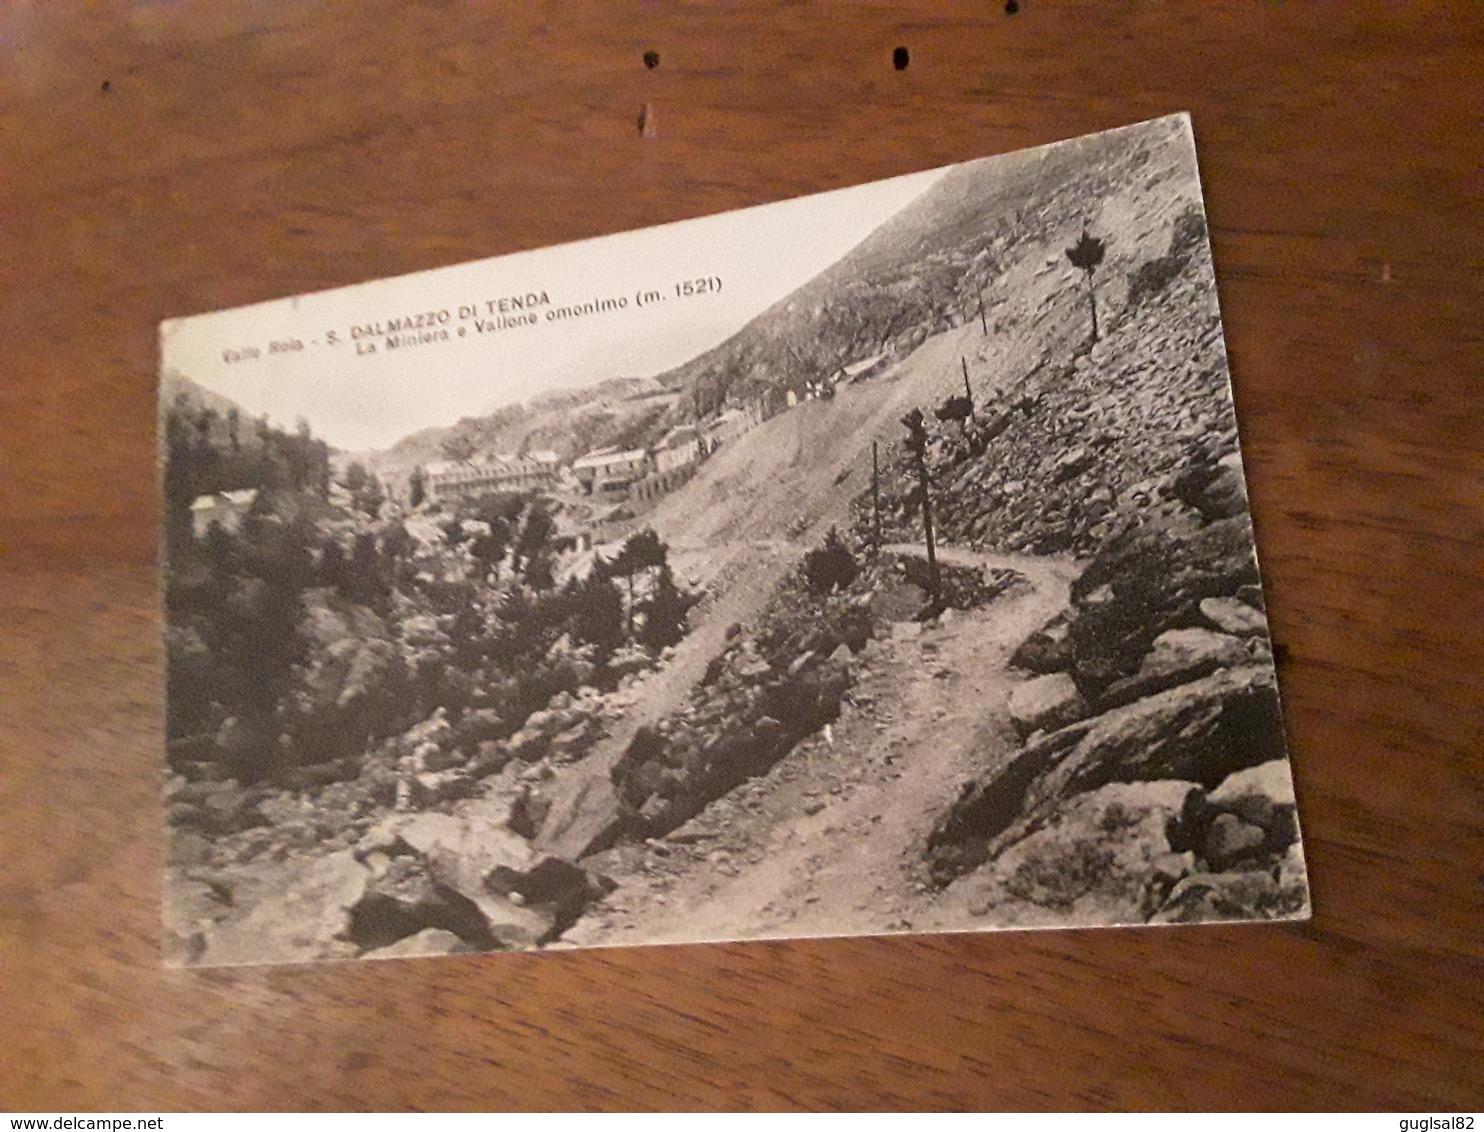 Cartolina Postale 1928, Valle Roia, S. Dalmazzo Di Tenda, La Miniera - Nice